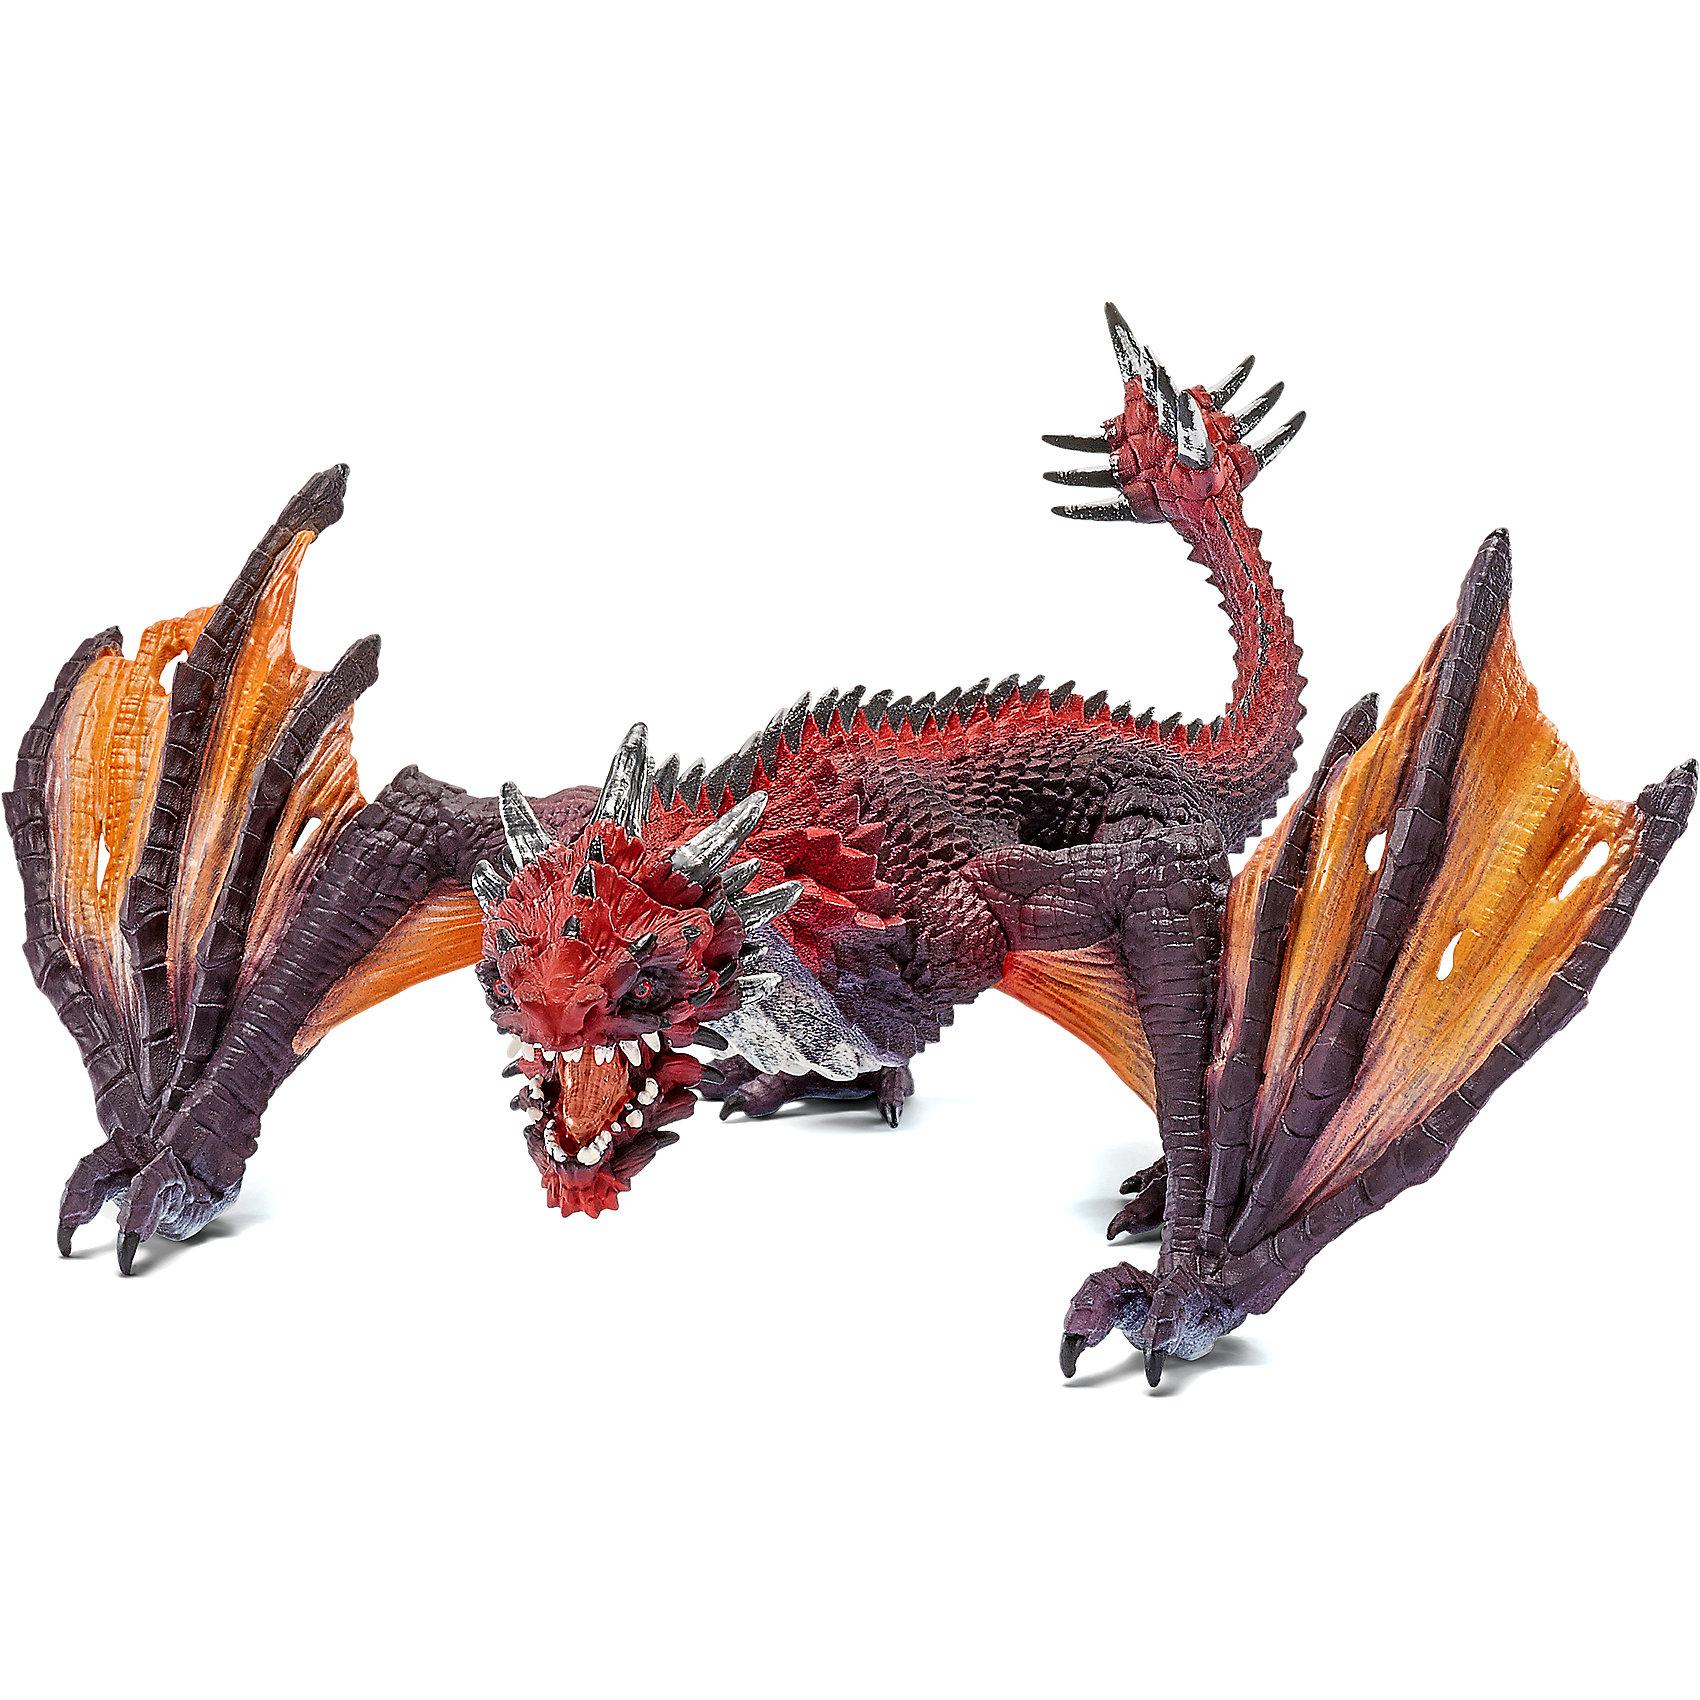 Дракон Боец, SchleichДраконы и динозавры<br>Дракон Боец, Schleich (Шляйх) – это высококачественная игровая фигурка.<br>Дракон Боец из серии Рыцари от Schleich (Шляйх) - восхитительная фигурка дракона, которая сделает игры с рыцарями и воинами еще увлекательнее. Дракон Боец самый дикий и самый сильный из всех драконов. Его невероятная сила может привести к ужасным разрушениям. Боевой дракон всегда голоден и ест всё, что попадается на его пути. У дракона могучие лапы, хвост с гигантским шипованным наростом на конце. Фигурка дракона выполнена в оранжевом и коричневом цветах. <br>Прекрасно выполненные фигурки Schleich (Шляйх) отличаются высочайшим качеством игрушек ручной работы. Каждая фигурка разработана с учетом исследований в области педагогики и производится как настоящее произведение для маленьких детских ручек. Все фигурки Schleich (Шляйх) сделаны из гипоаллергенных высокотехнологичных материалов, раскрашены вручную и не вызывают аллергии у ребенка.<br><br>Дополнительная информация:<br><br>- Размер фигурки: 21 х 19,5 х 9 см.<br>- Материал: высококачественный каучуковый пластик<br><br>Фигурку Дракон Боец, Schleich (Шляйх) можно купить в нашем интернет-магазине.<br><br>Ширина мм: 189<br>Глубина мм: 132<br>Высота мм: 101<br>Вес г: 153<br>Возраст от месяцев: 36<br>Возраст до месяцев: 96<br>Пол: Мужской<br>Возраст: Детский<br>SKU: 3829727